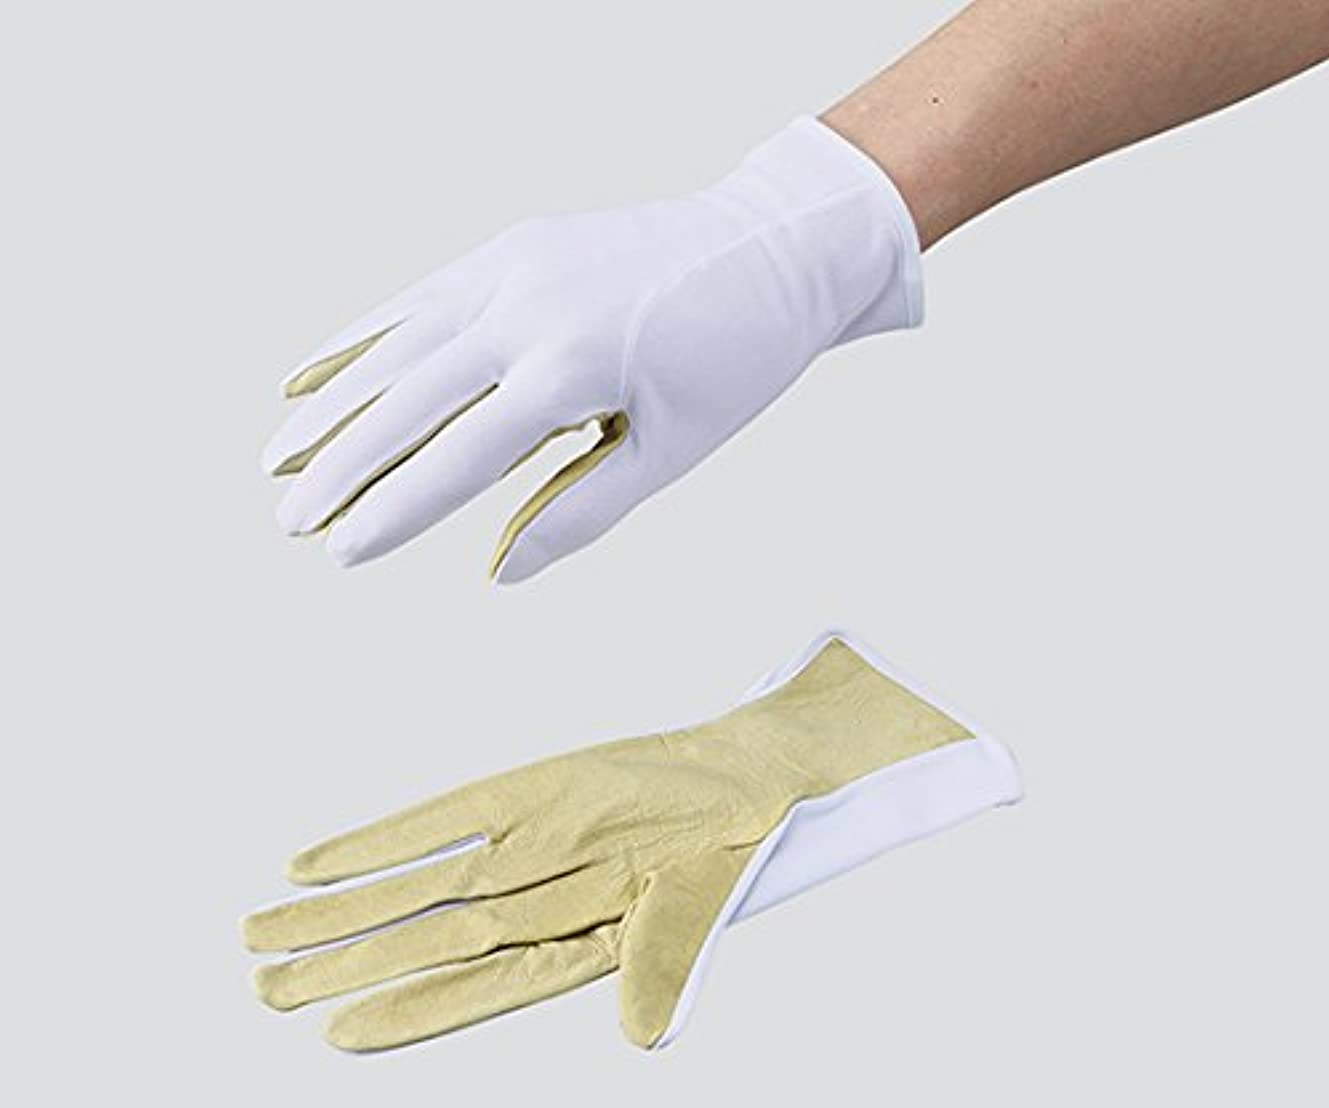 層乳剤塩辛い3-6076-02革手ライナー手袋ポップハンド(R)MP-805